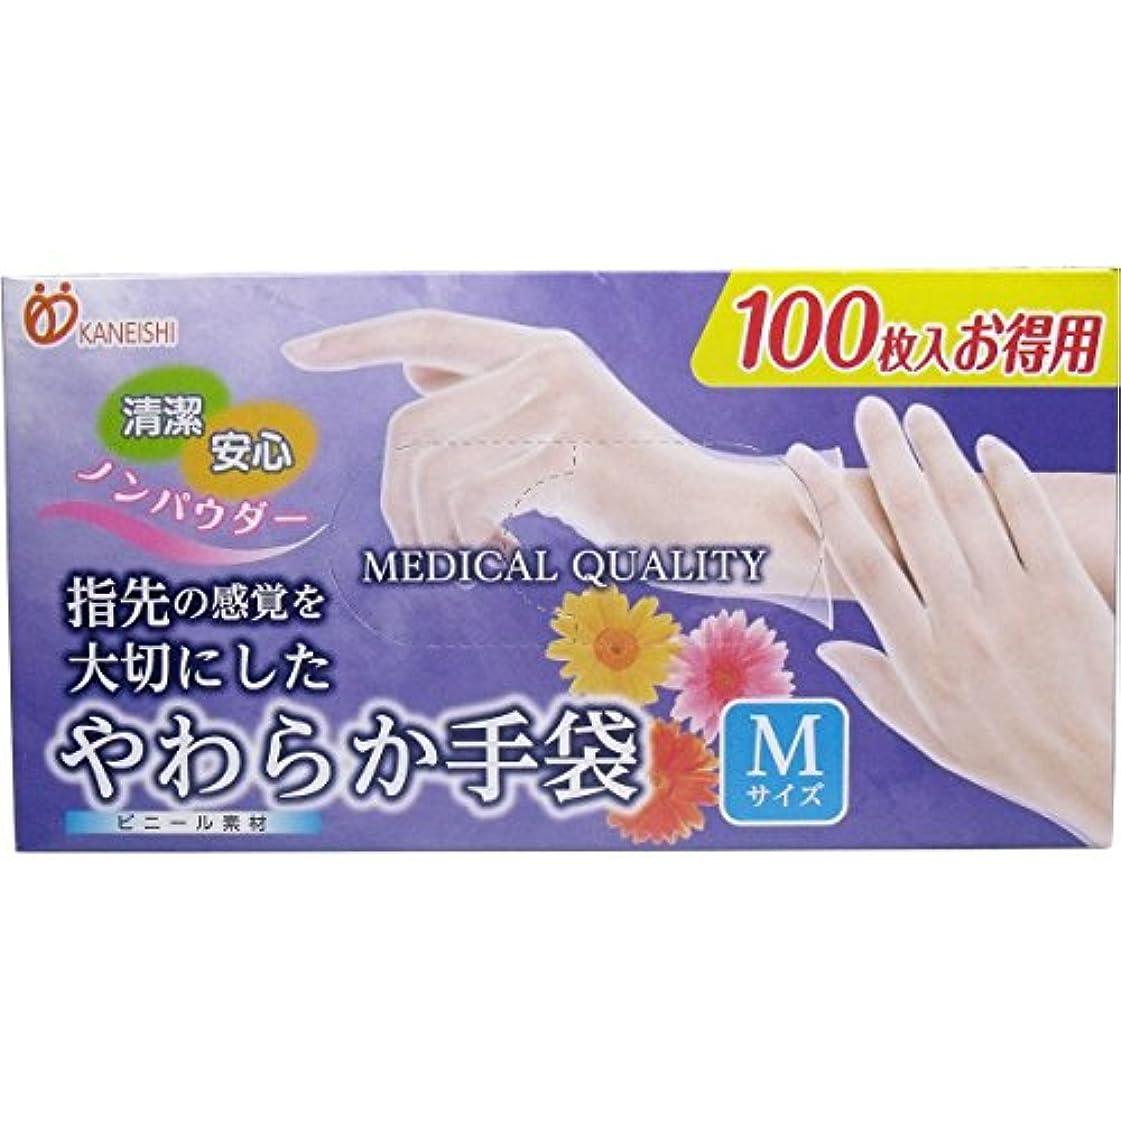 やろうピカリング吸い込むやわらか手袋 ビニール素材 Mサイズ 100枚入x4